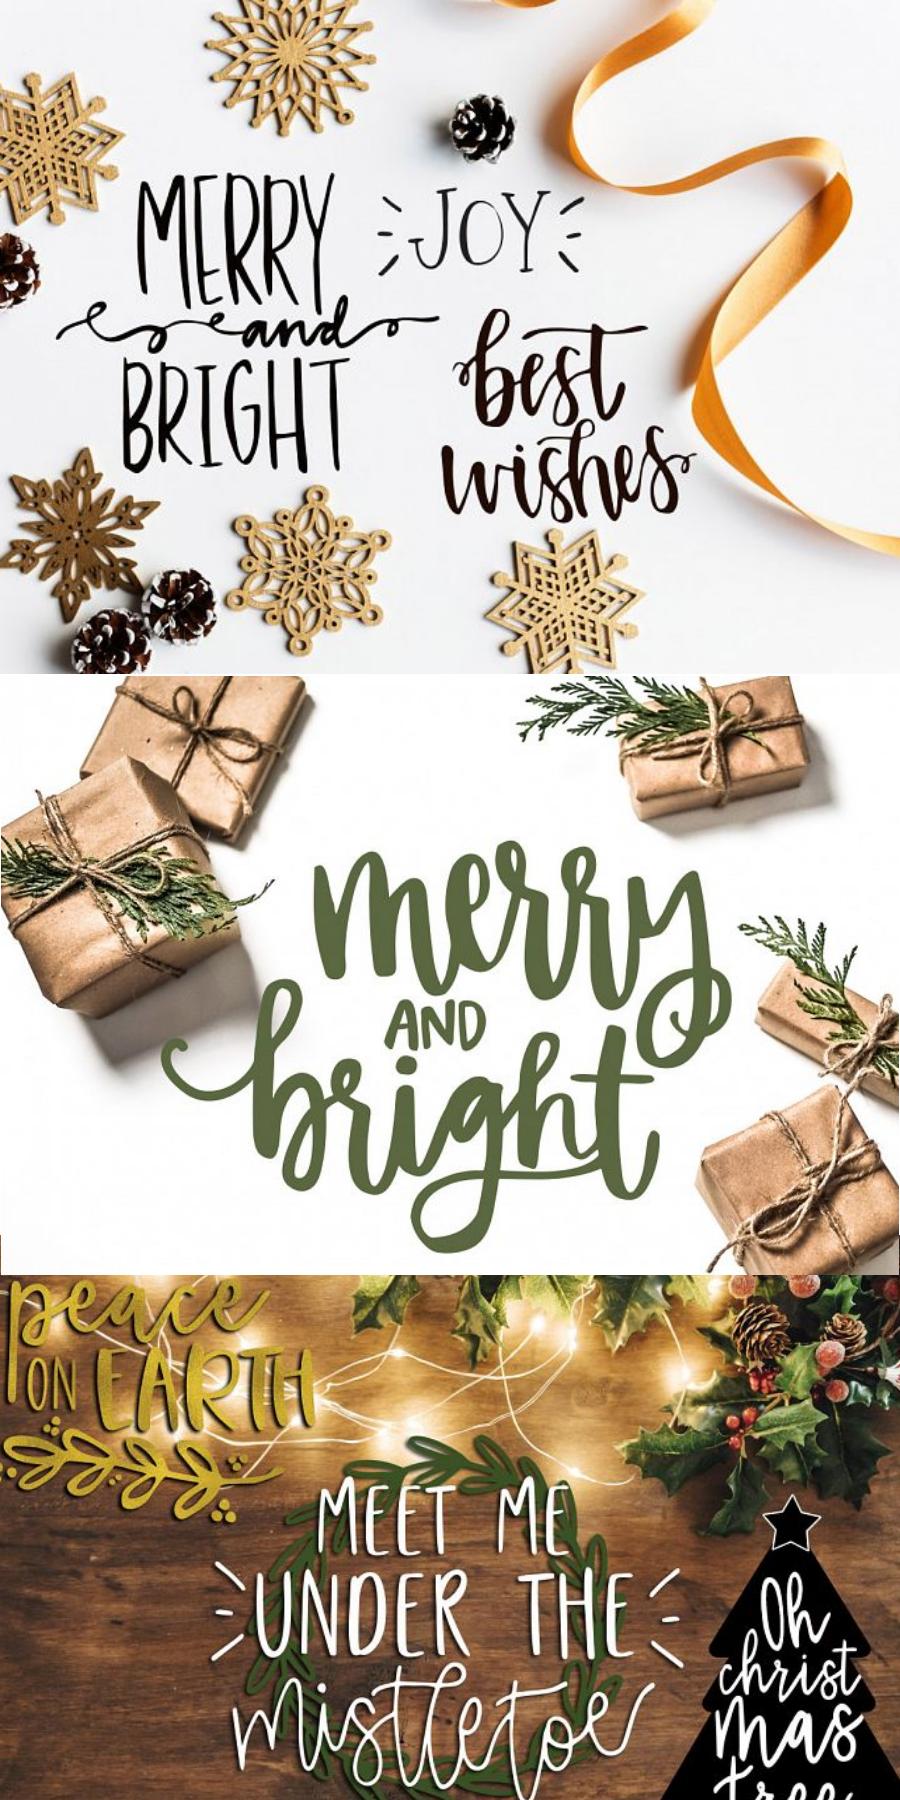 40 Christmas Photo Overlays Free Symbols Font 44793 Illustrations Design Bundles Hand Lettered Christmas Christmas Lettering Free Symbols